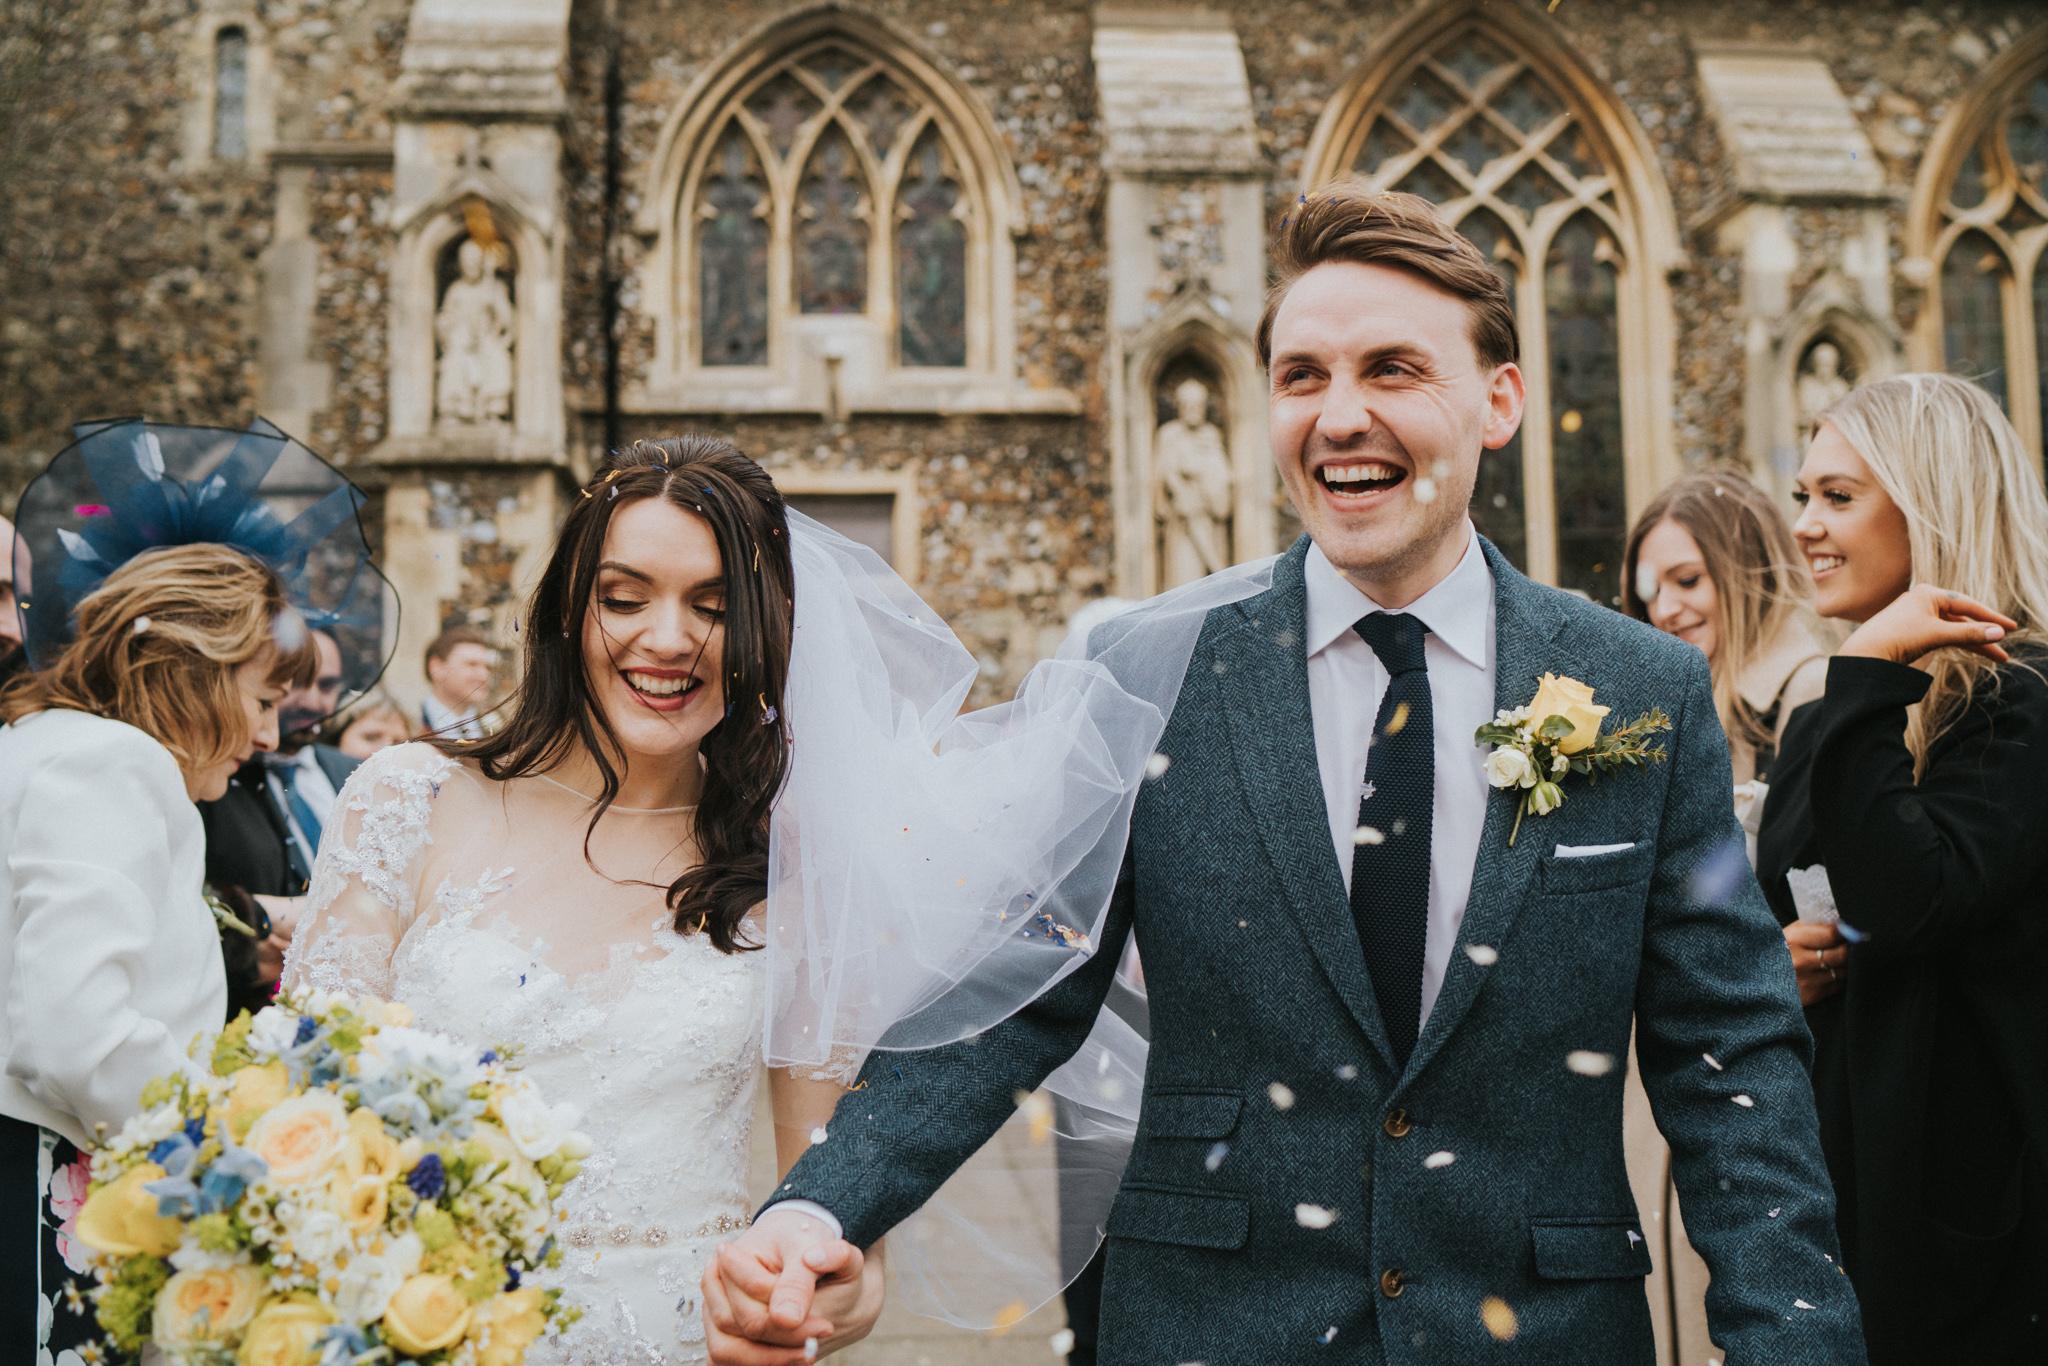 anne-charlie-maldon-all-saints-church-wedding-intimate-wedding-grace-elizabeth-colchester-essex-alternative-wedding-lifestyle-photographer-colchester-essex-suffolk-norfolk-devon (17 of 17).jpg